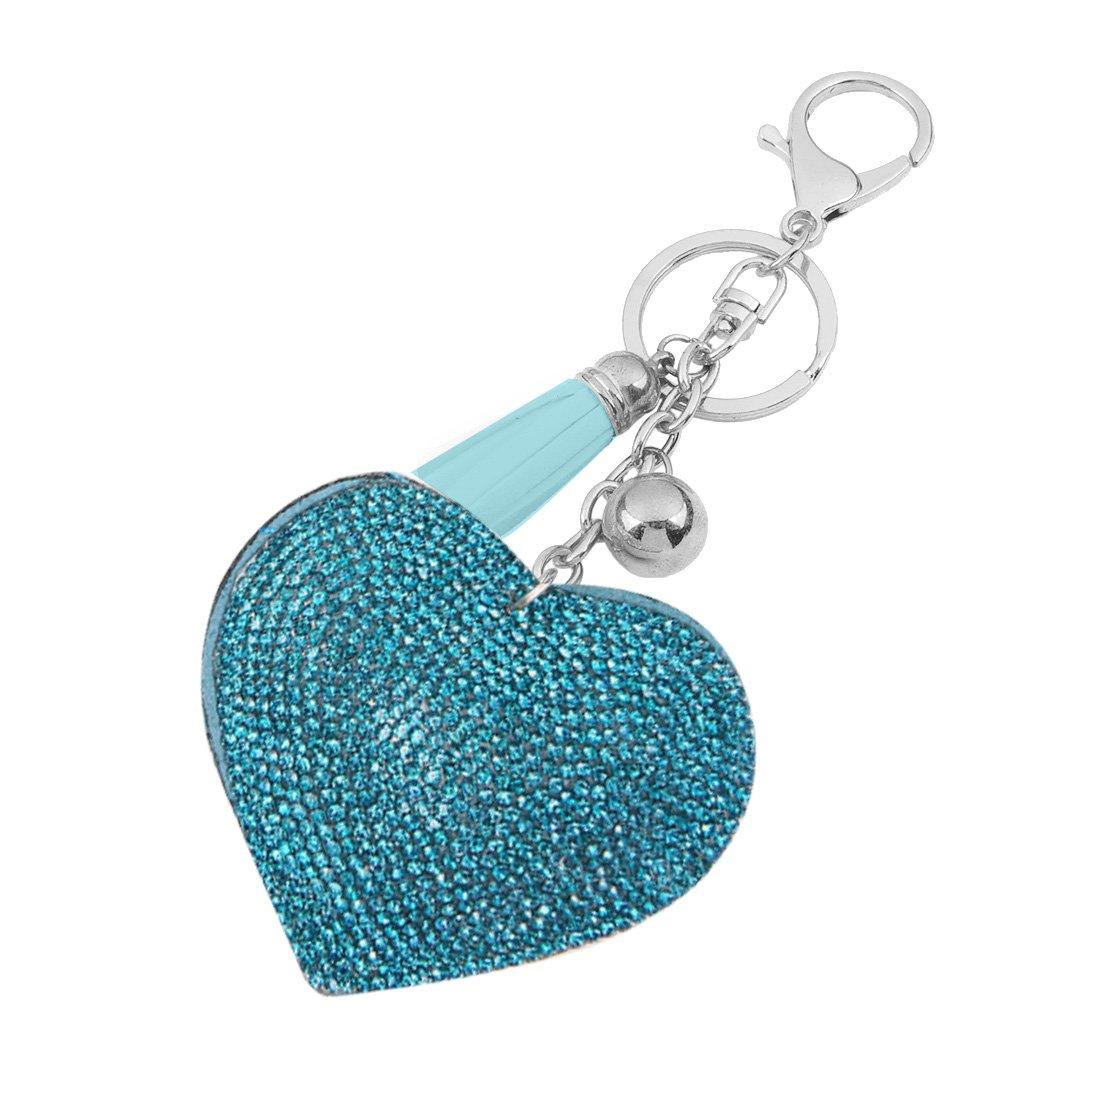 Porte-cl/és Mousqueton Port Clef Bijoux Mode Cadeau Femme Pendentif Coeur Strass Bleu